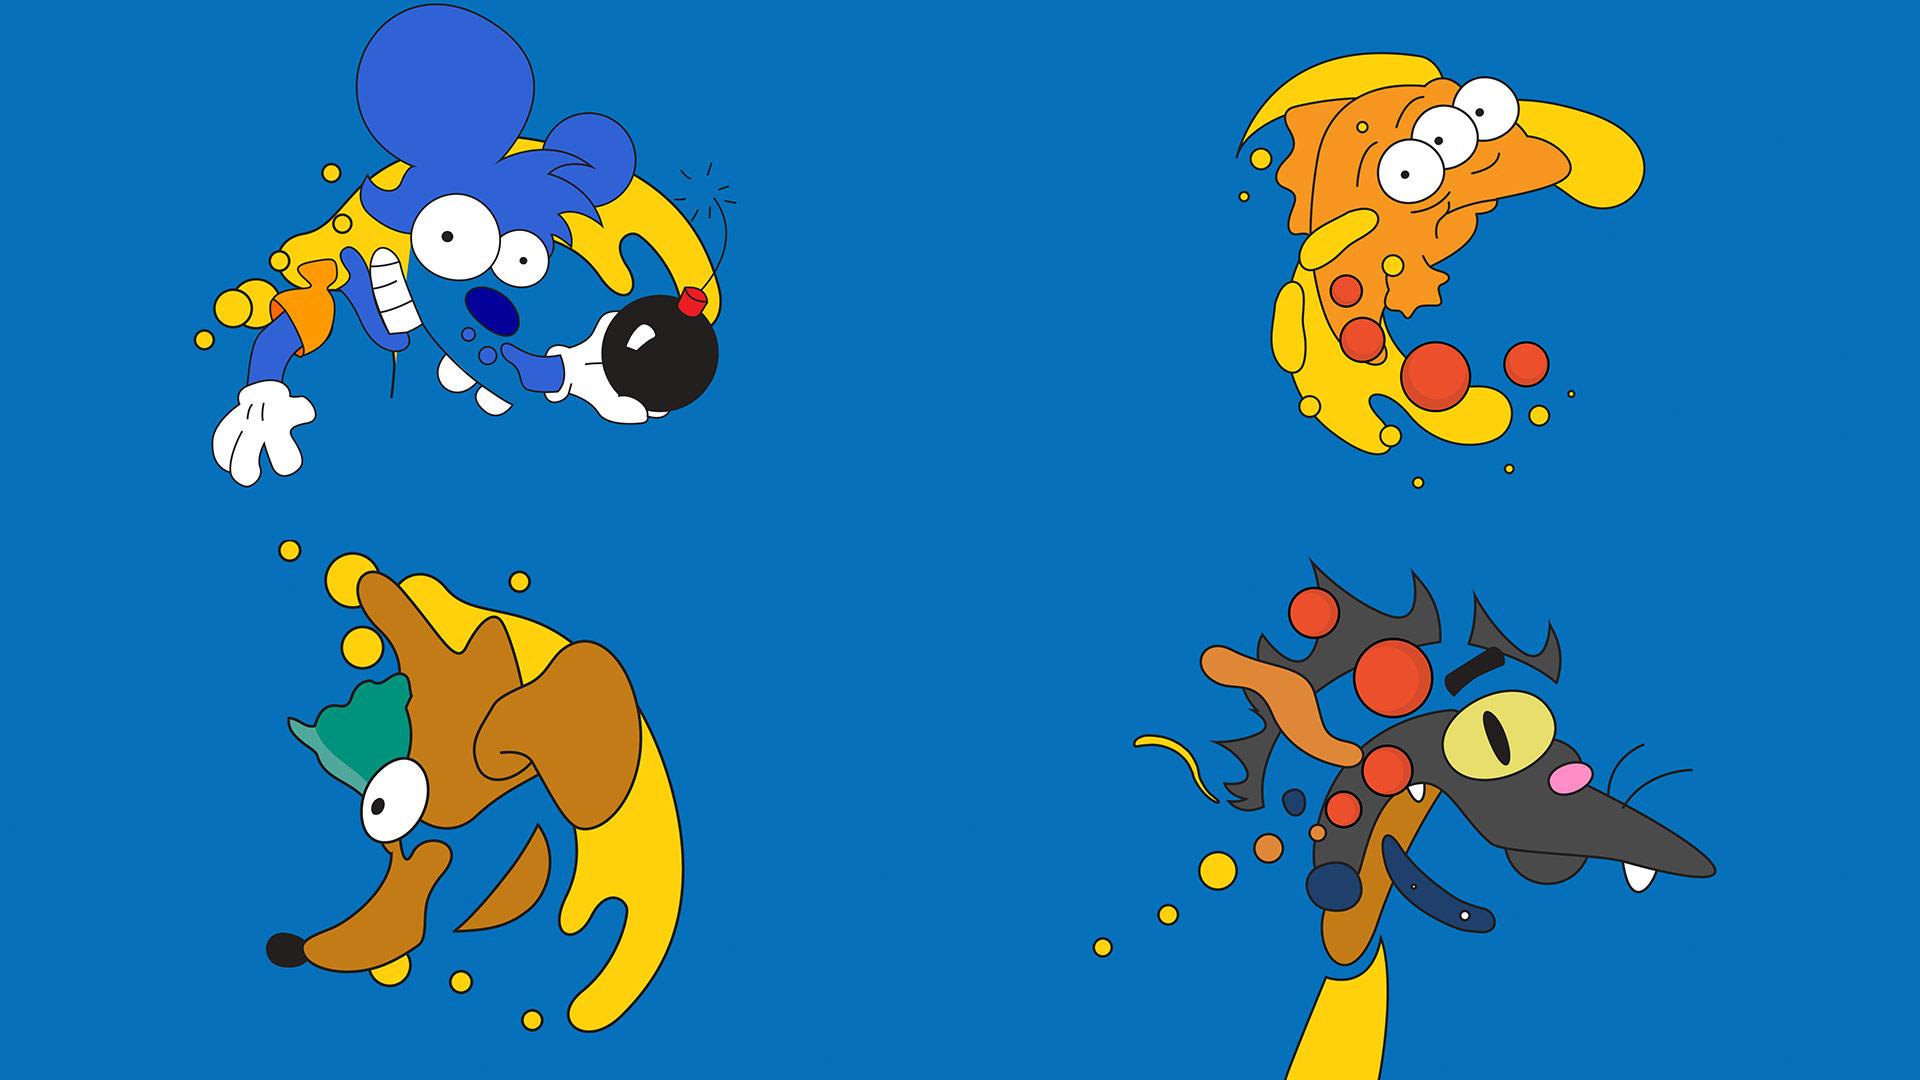 Imagen del estudio Laundry para la animación de los Simpson del canal FX - Foto: www.laundrymat.tv